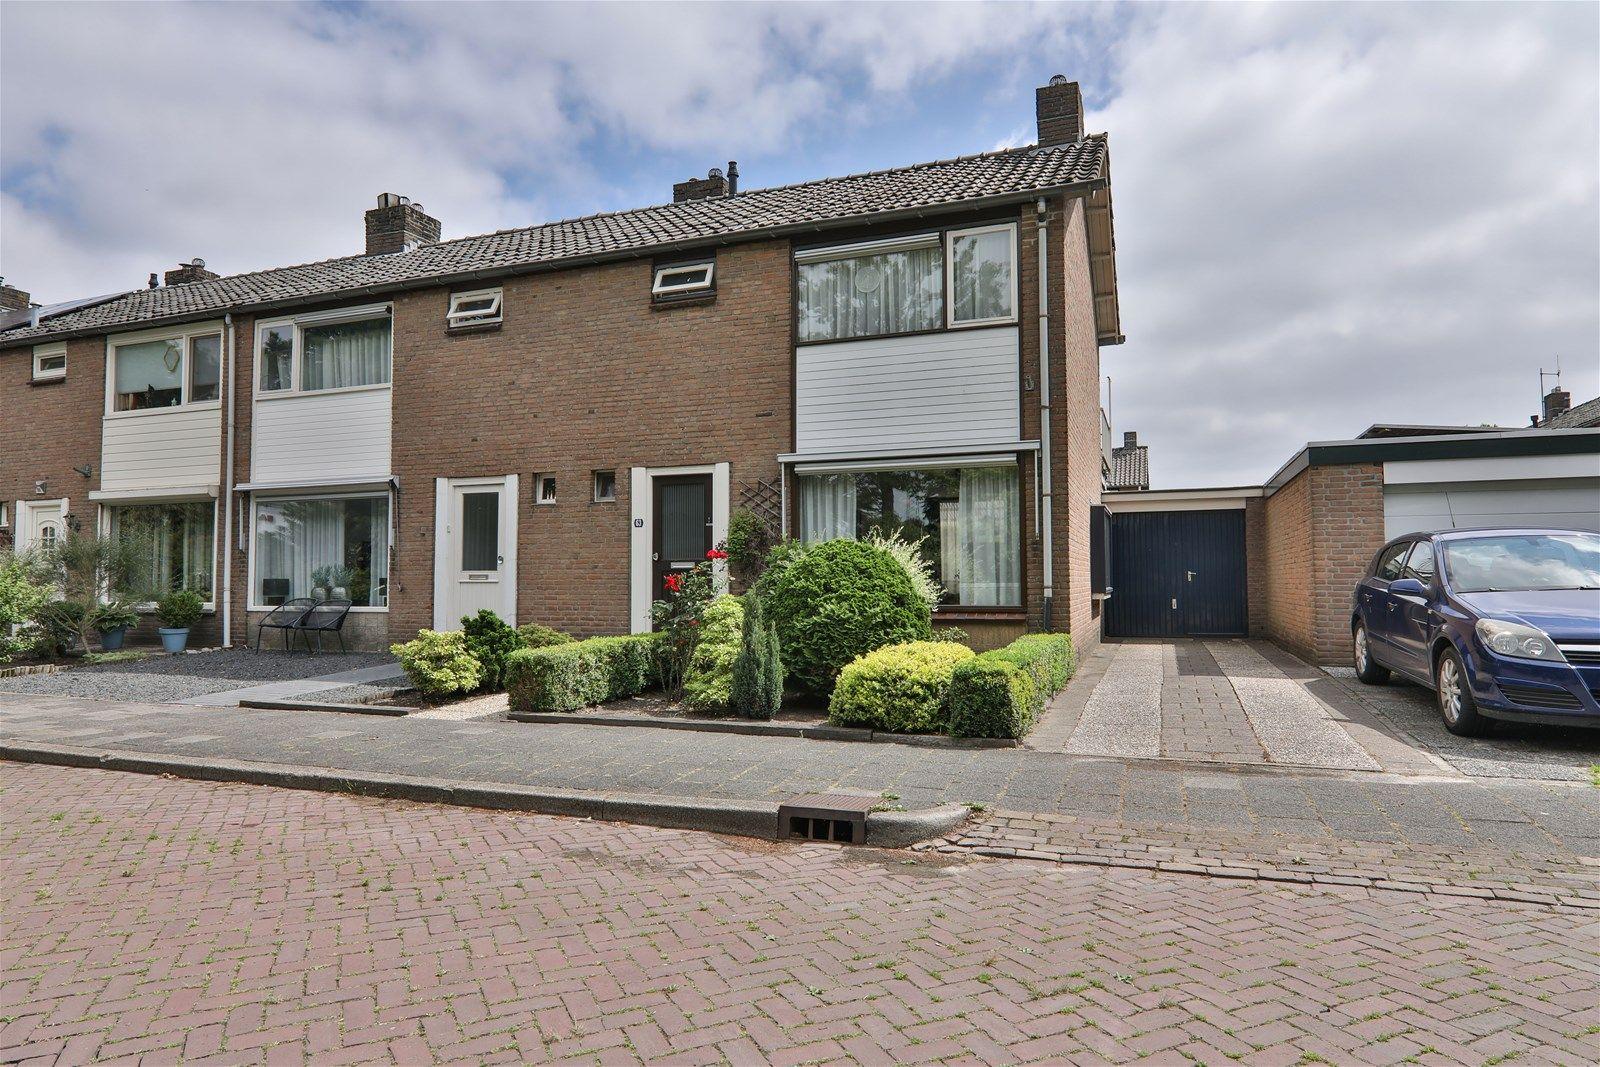 Ruysdaelstraat 63, Hoogeveen